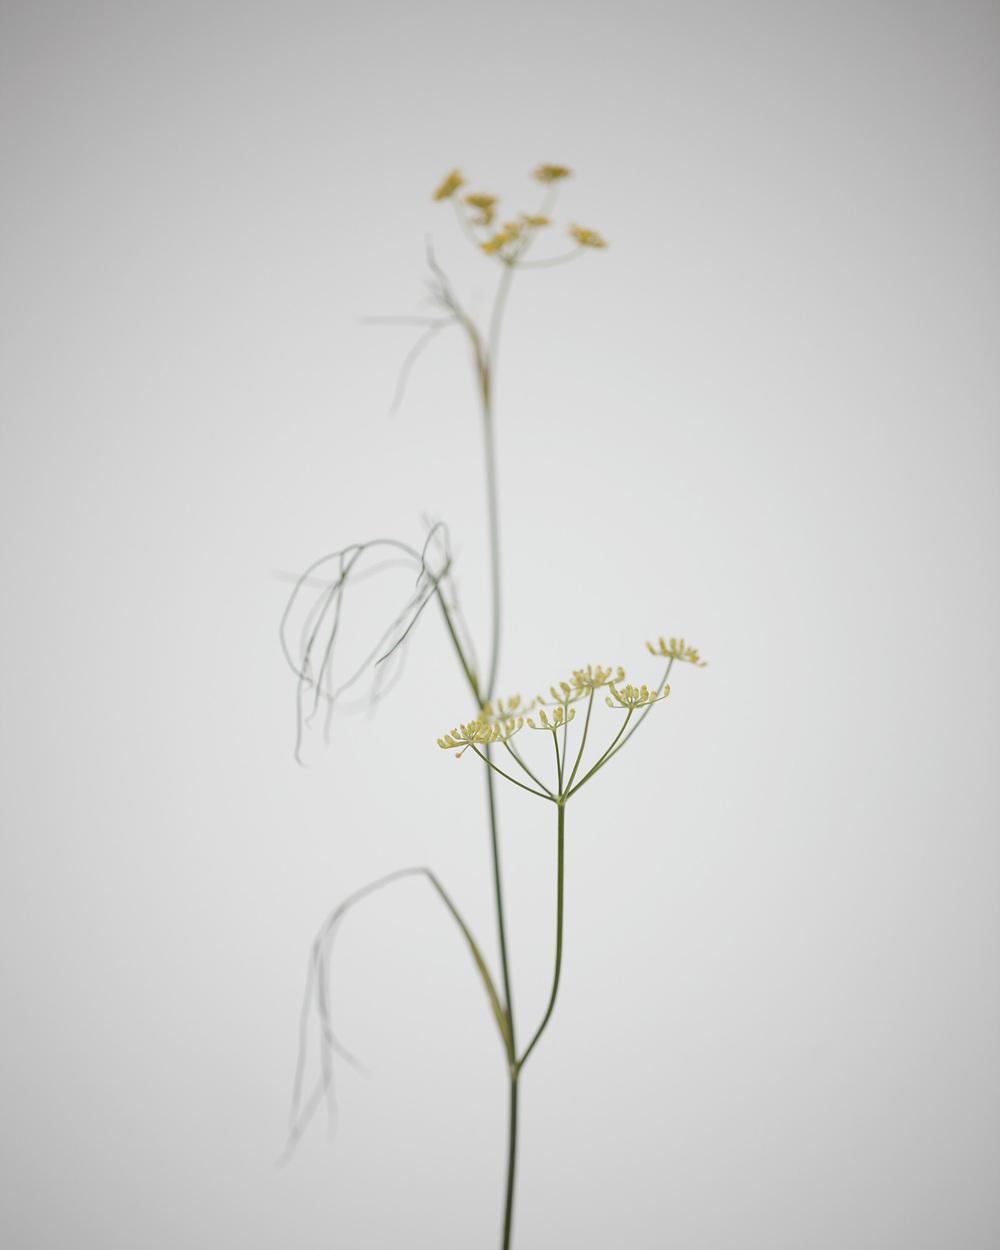 15_Weeds.jpg